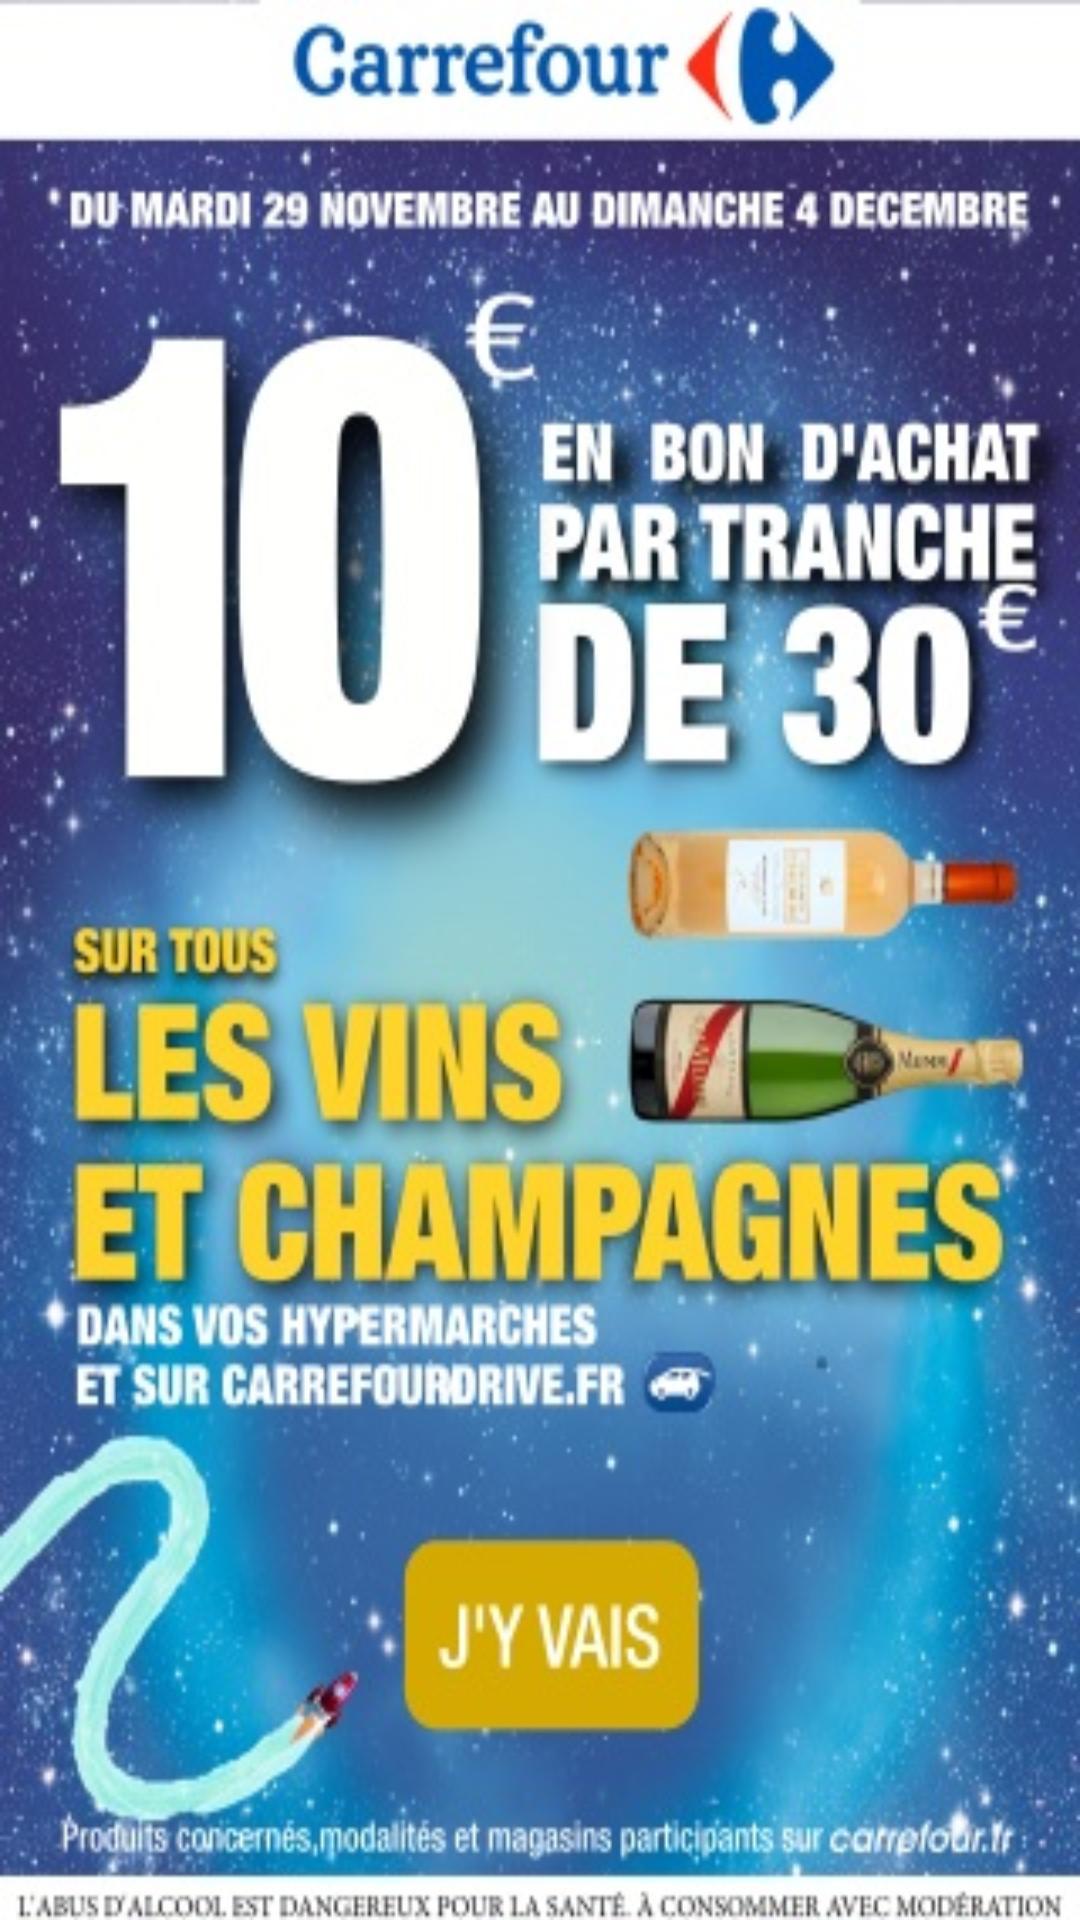 10€ offerts en bon d'achat par tranche de 30€ sur tous les vins et champagnes